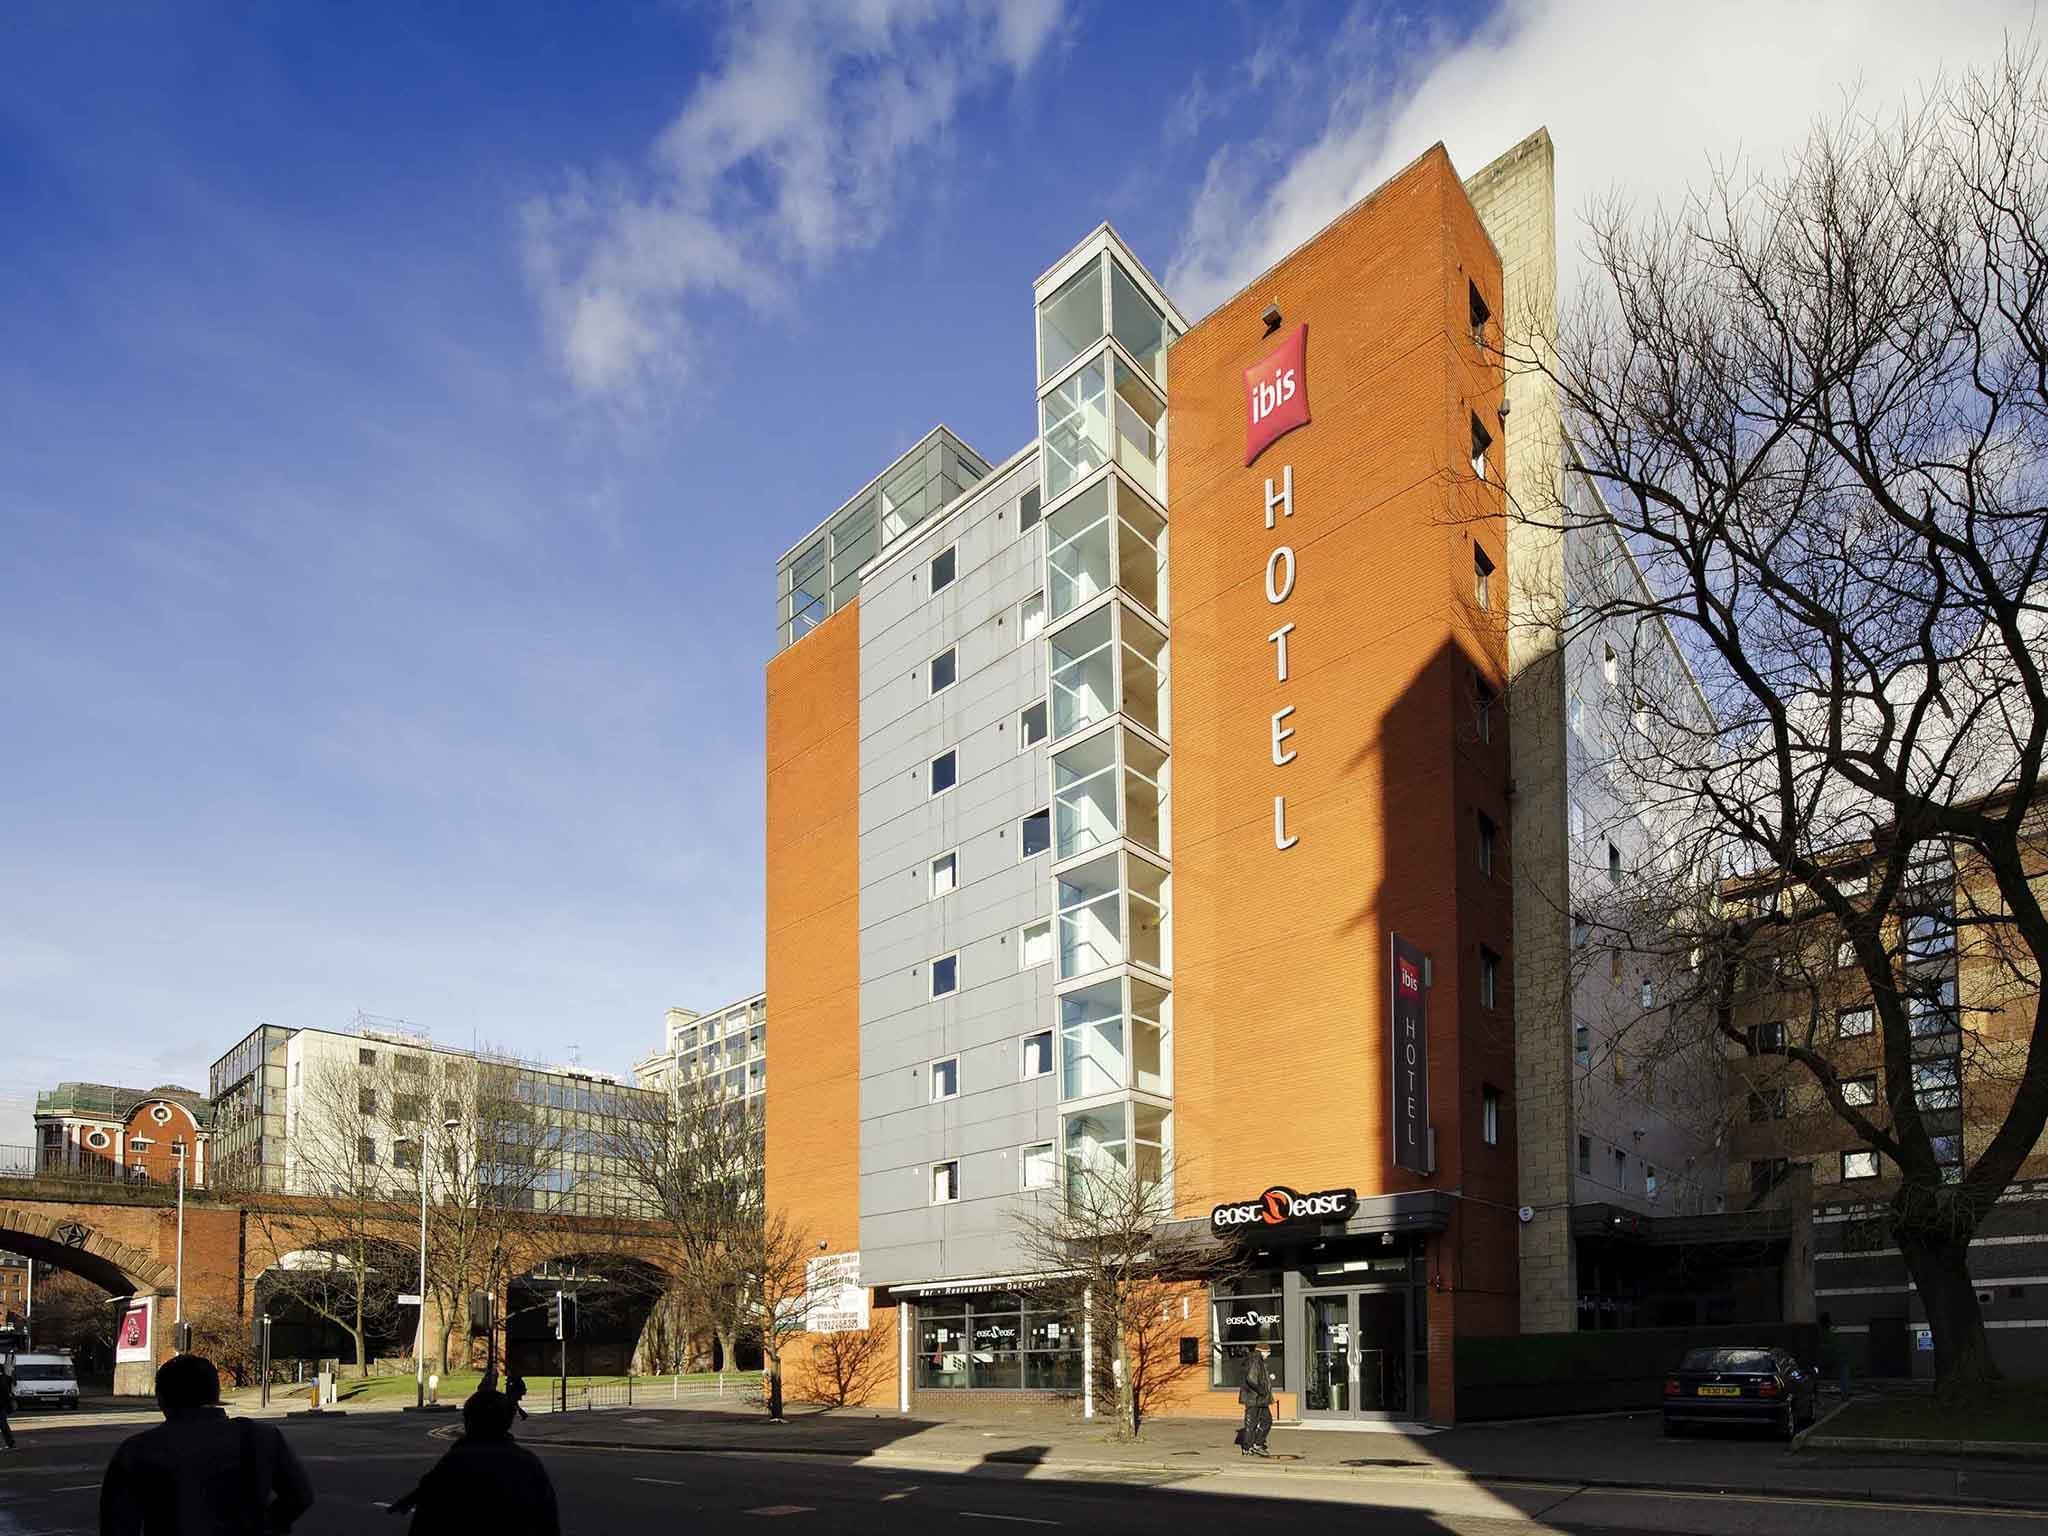 호텔 – 이비스 맨체스터 센터 프린세스 스트리트(새로운 이비스 객실)